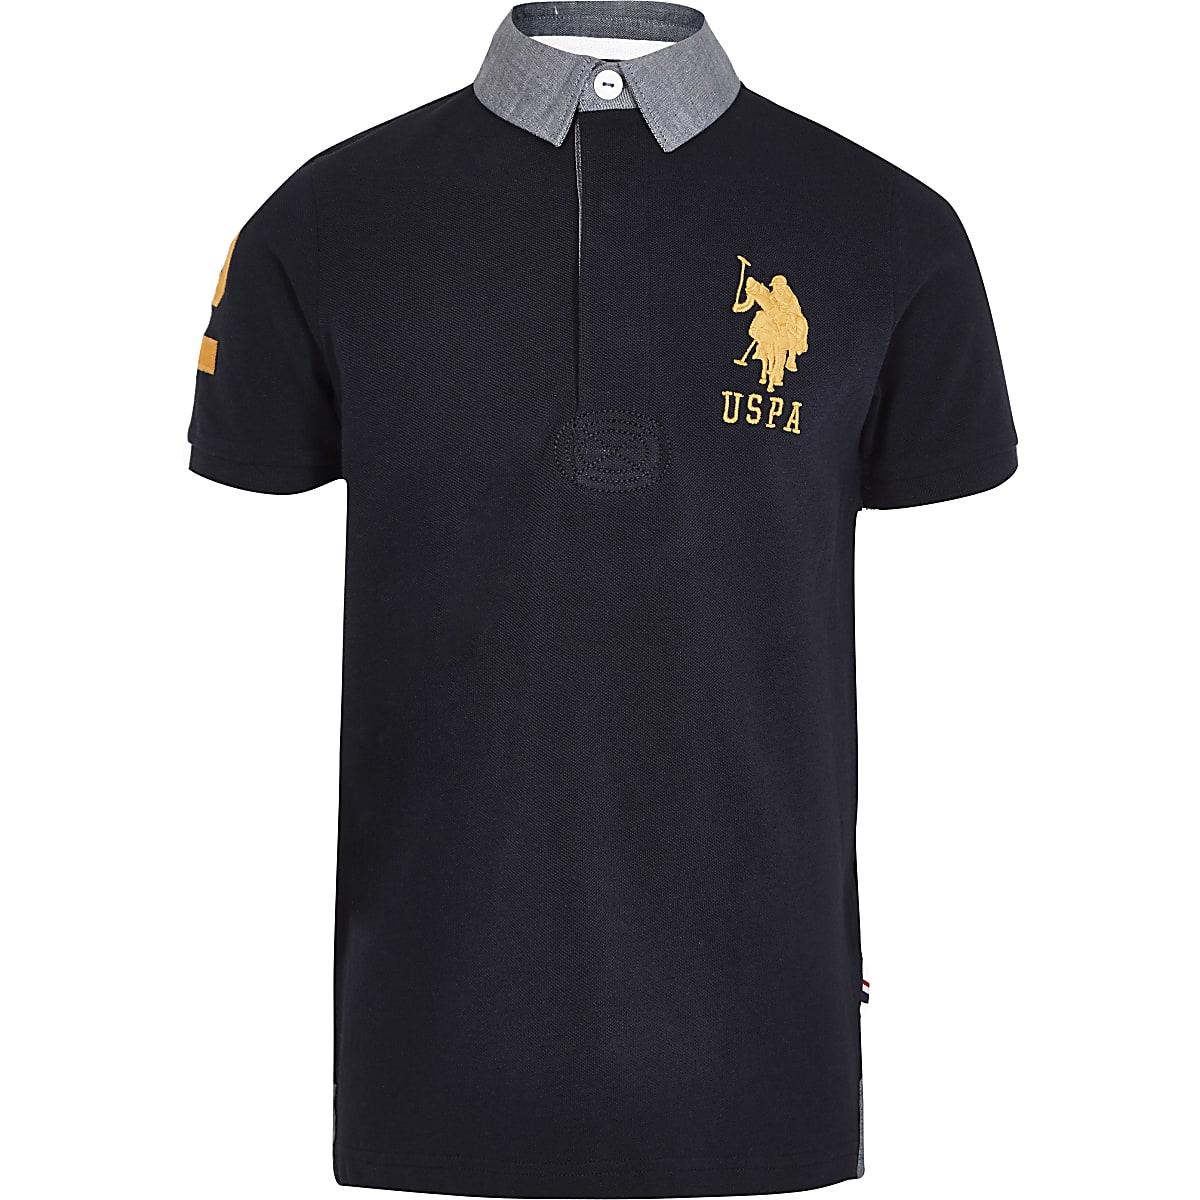 Boys navy U.S. Polo Assn. polo shirt